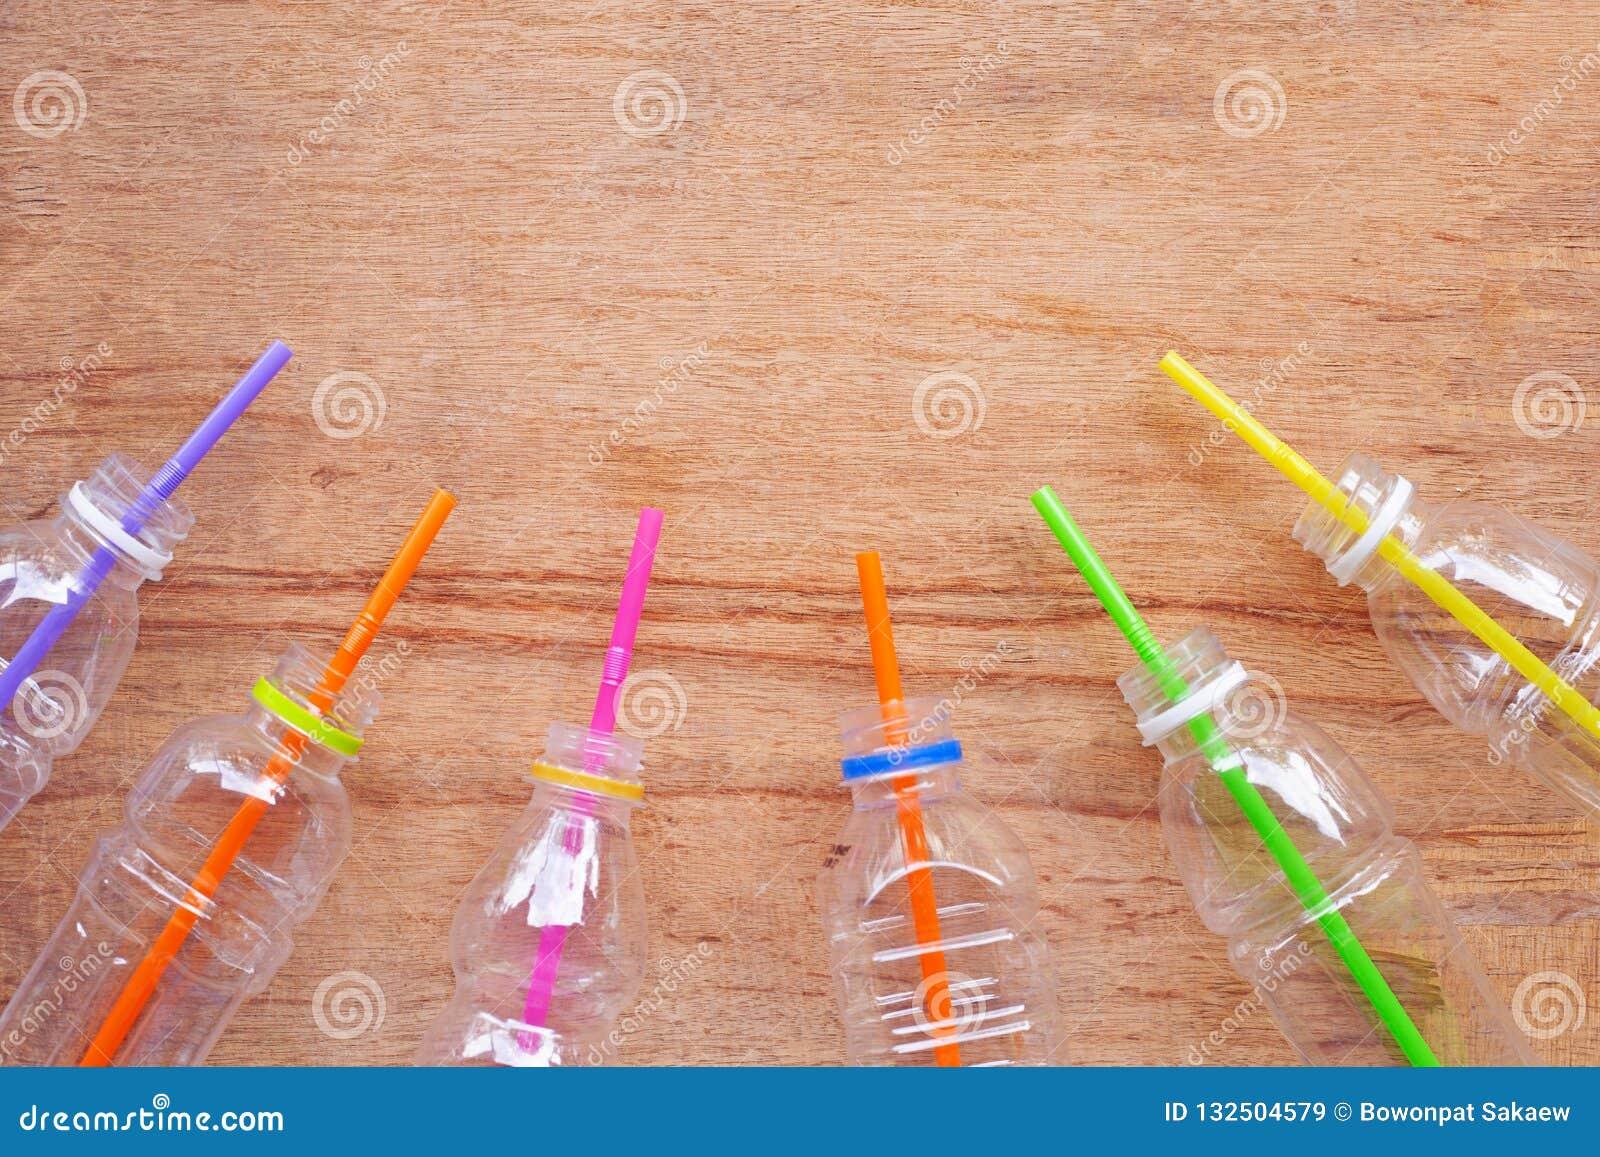 Desperdício plástico, garrafas plásticas com palhas